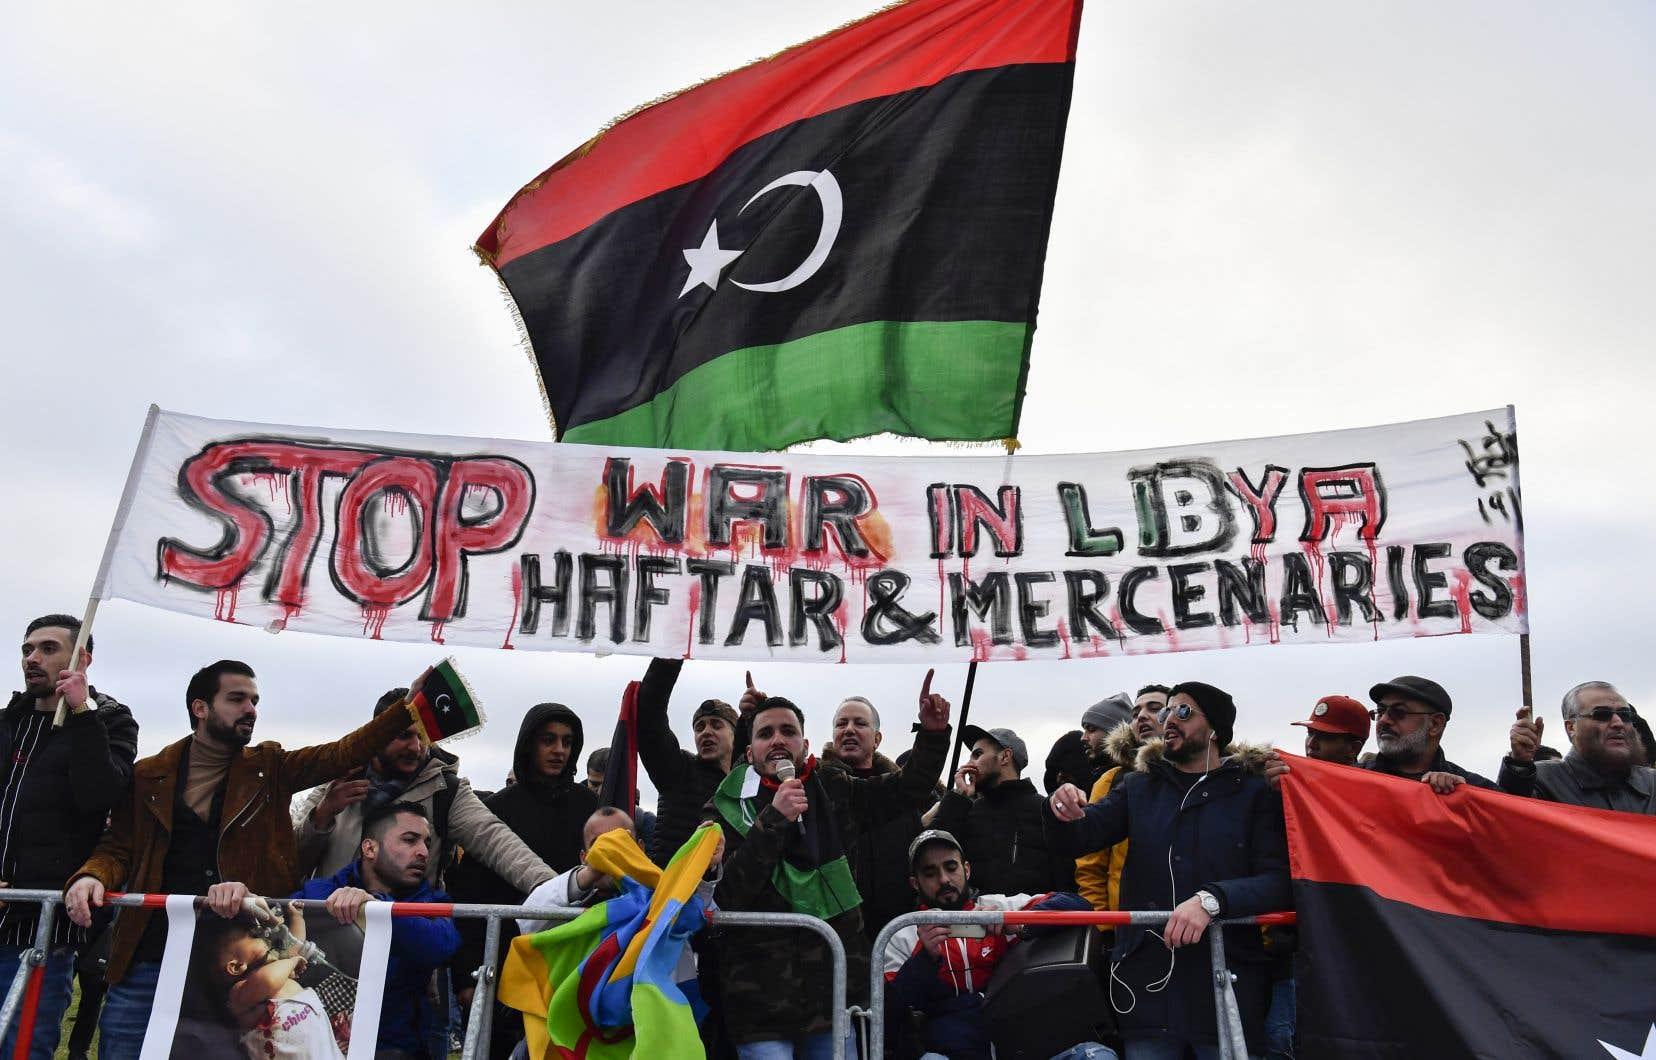 Des manifestants à Berlin dimanche, où se tenait un sommet international qui a réuni les principaux pays concernés par le conflit en Libye.